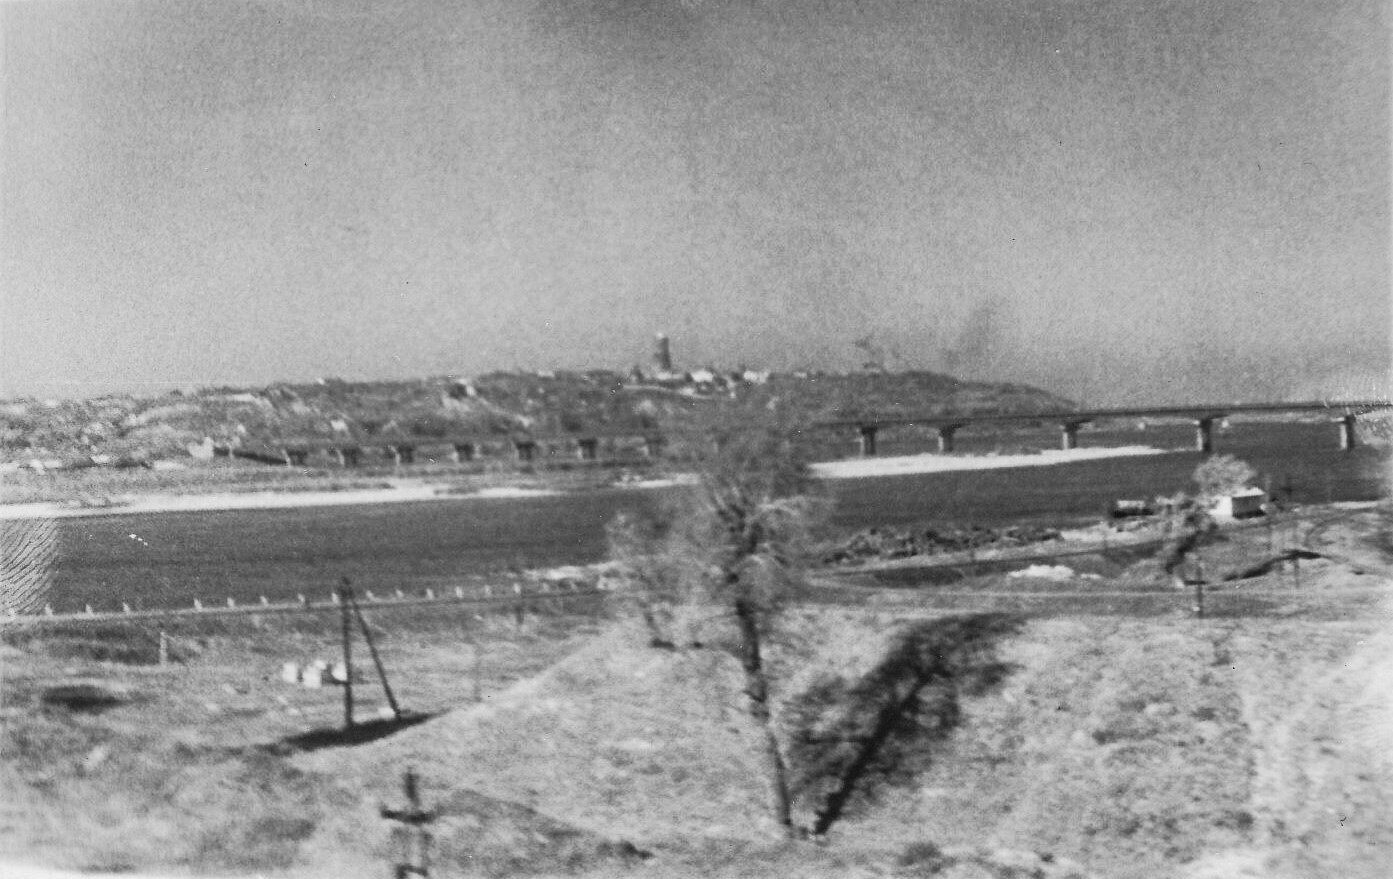 kuh slob 1957 - <b>Ради массового жилья в Киеве уничтожили десятки поселений.</b> Рассказываем, как это было - Заборона